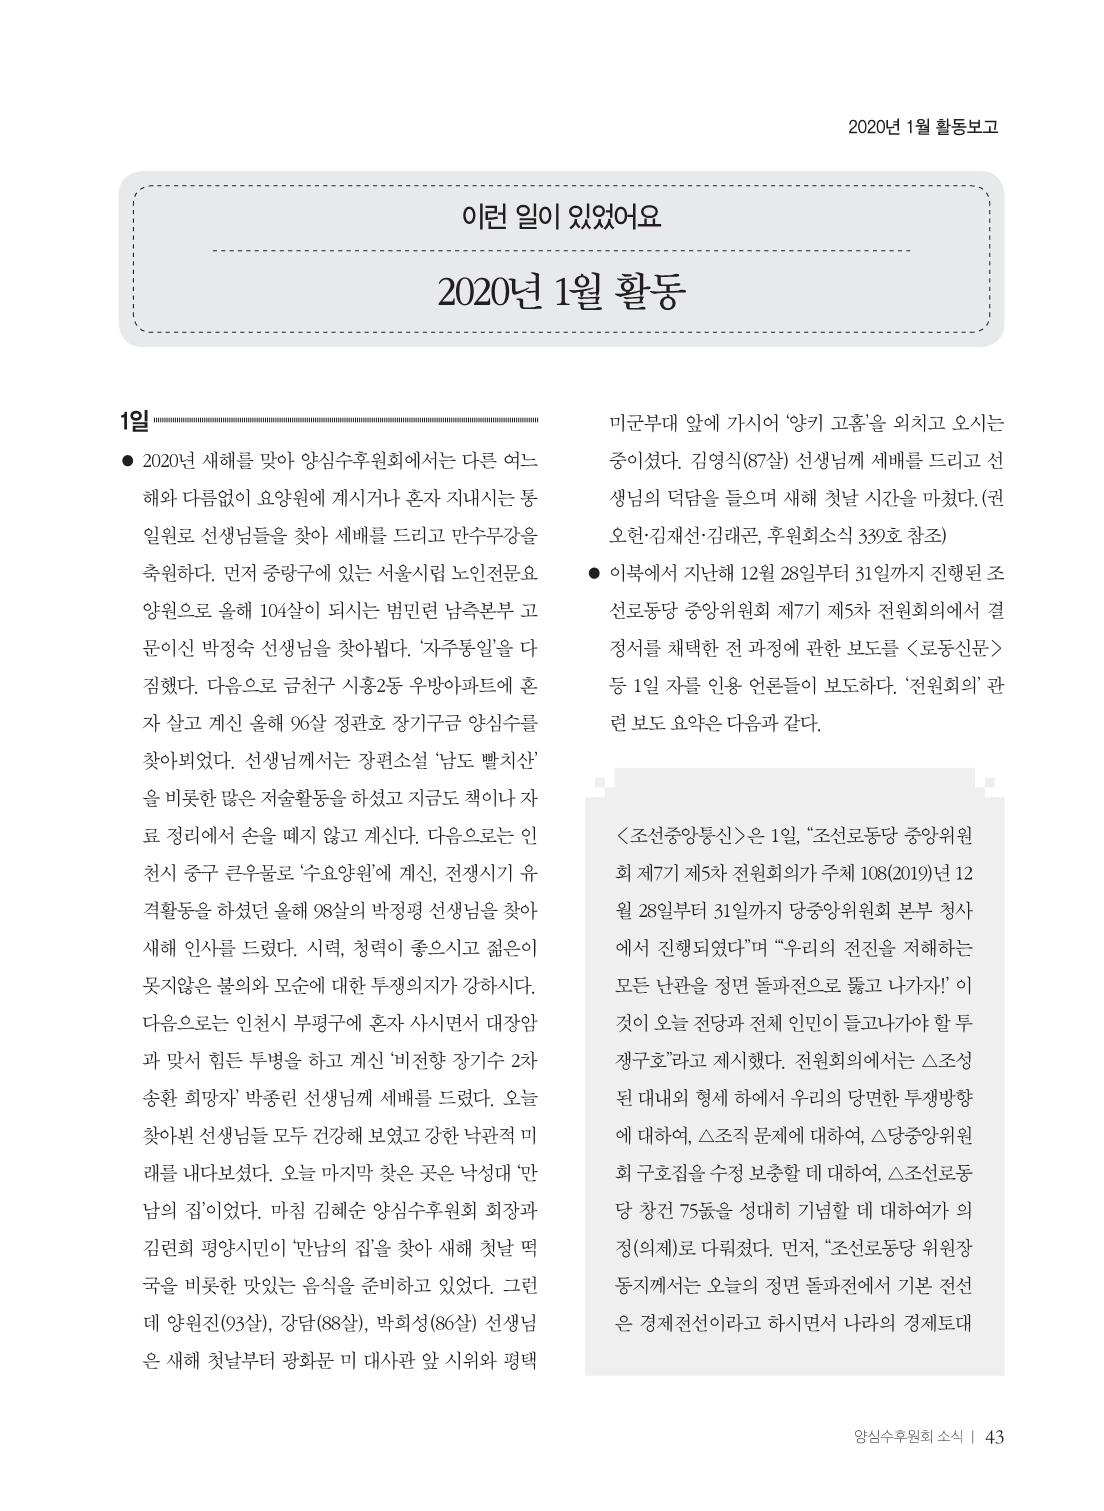 c3a550e7-2d95-46c0-bdec-64c56104ebf4.pdf-0045.png